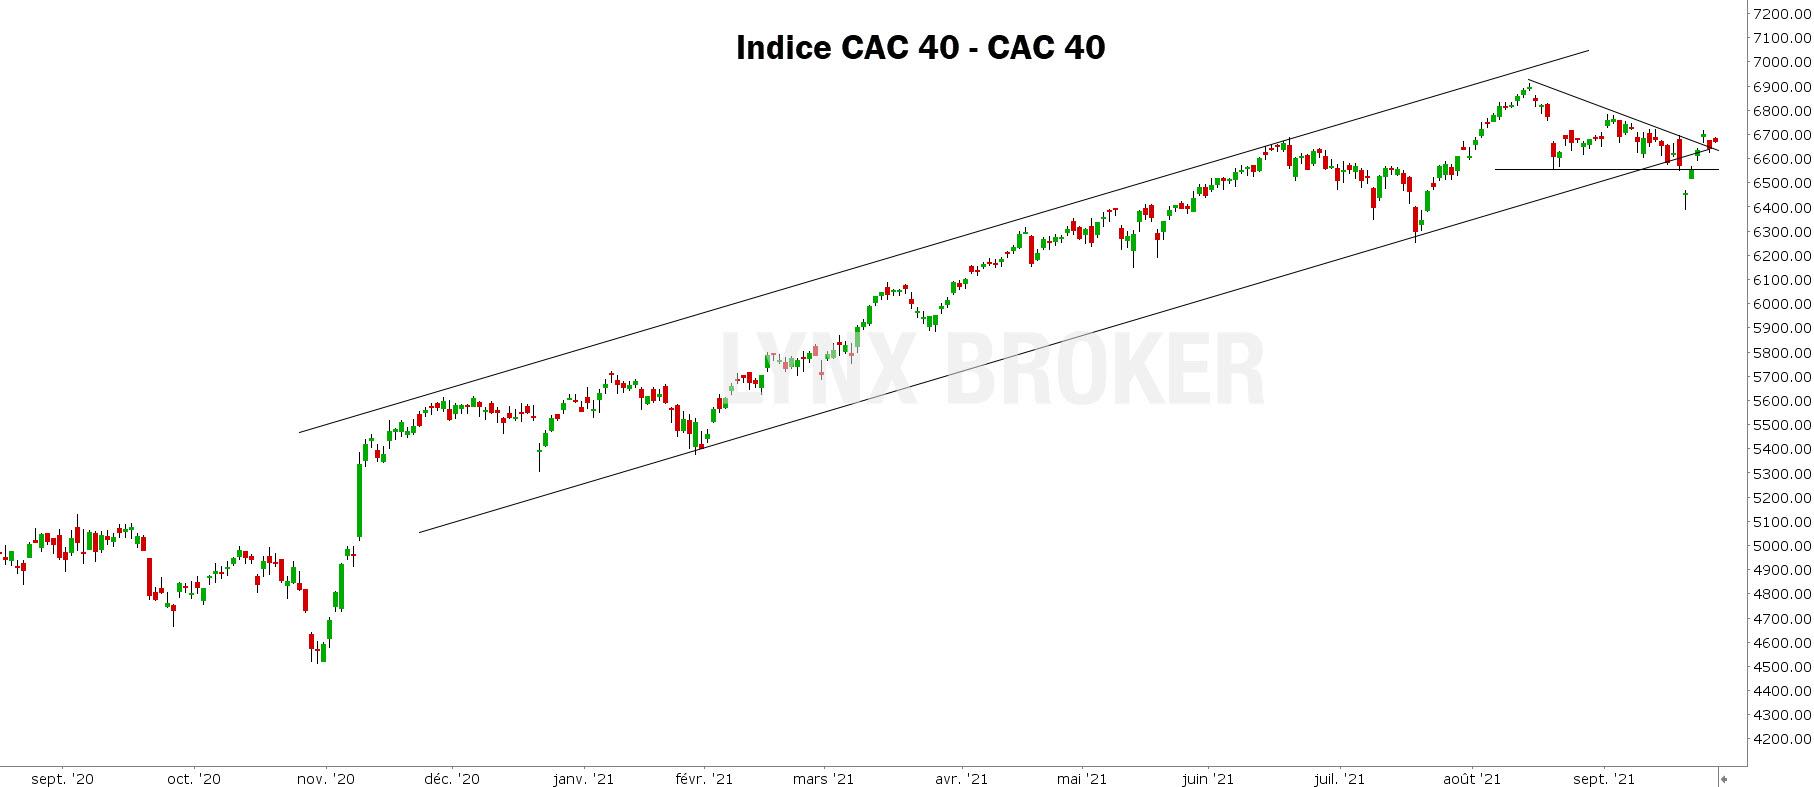 analyse technique CAC 40 - 270921 - graphique CAC 40